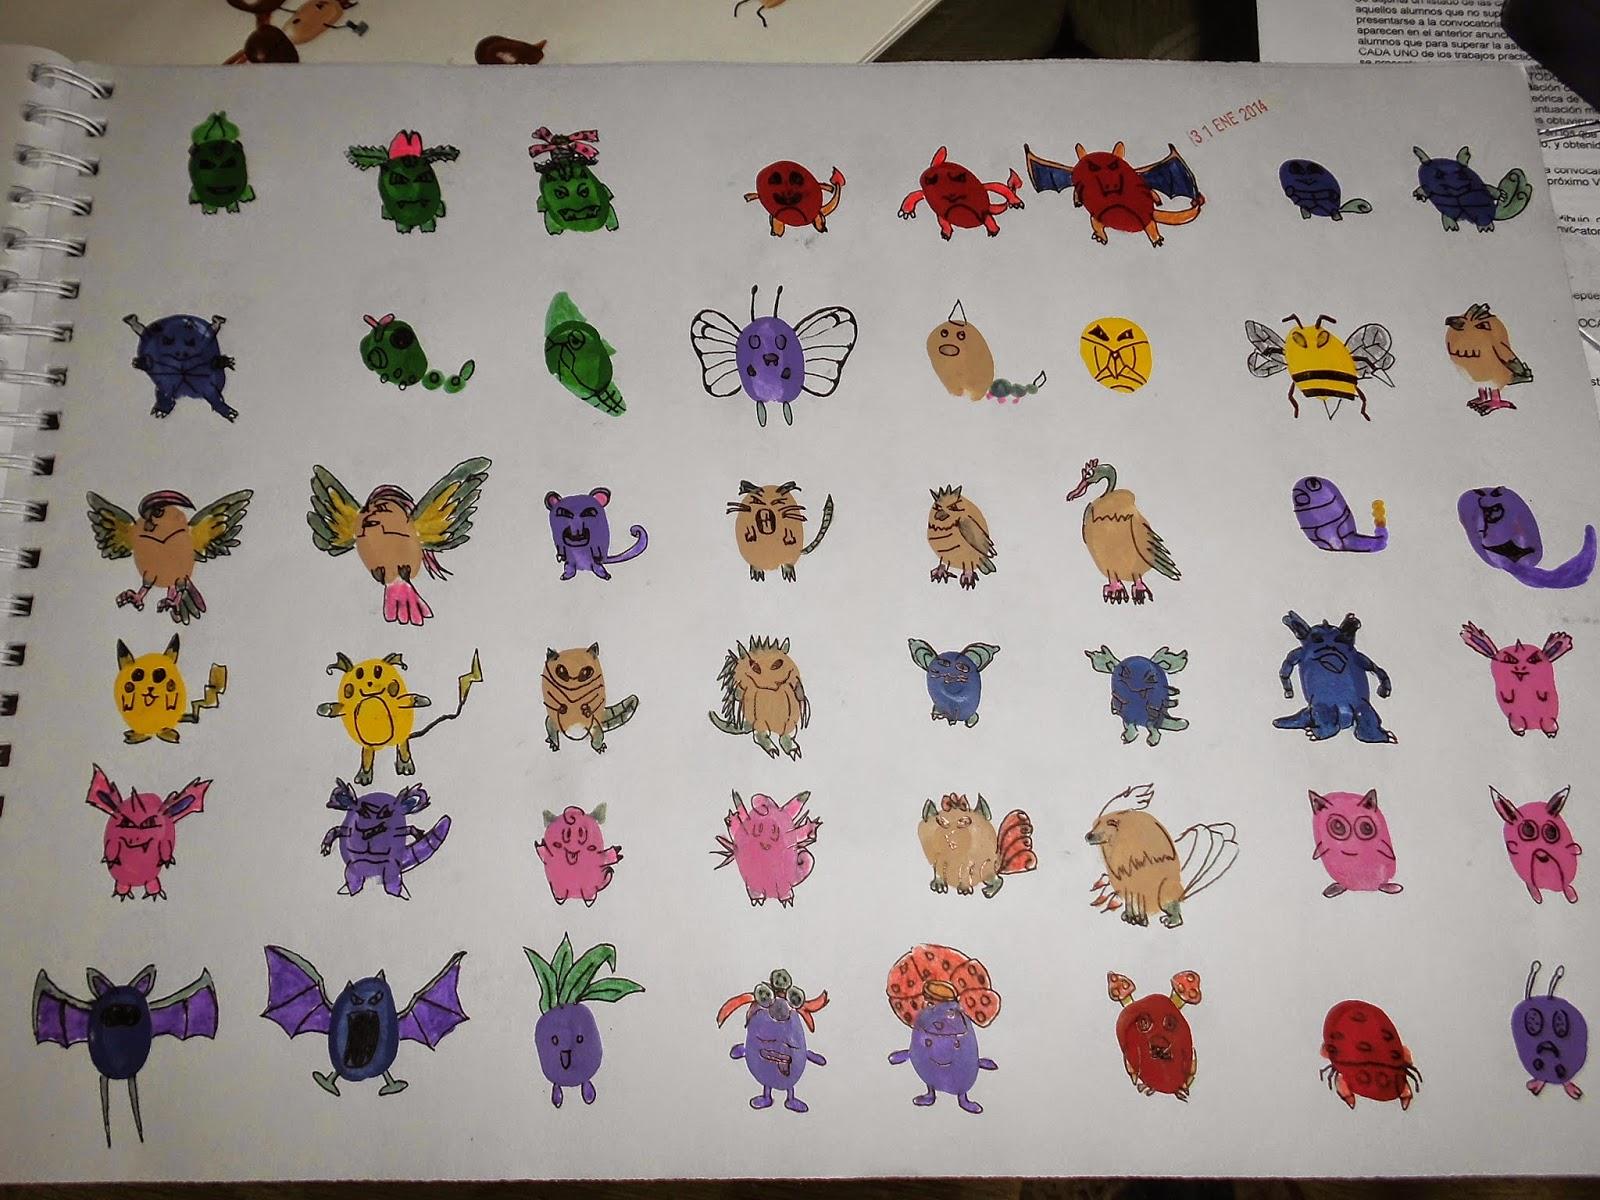 Dibujos De Pokemon A Color: Resultado De Imagen Para Dibujo De Pokemon A Color Decoracion